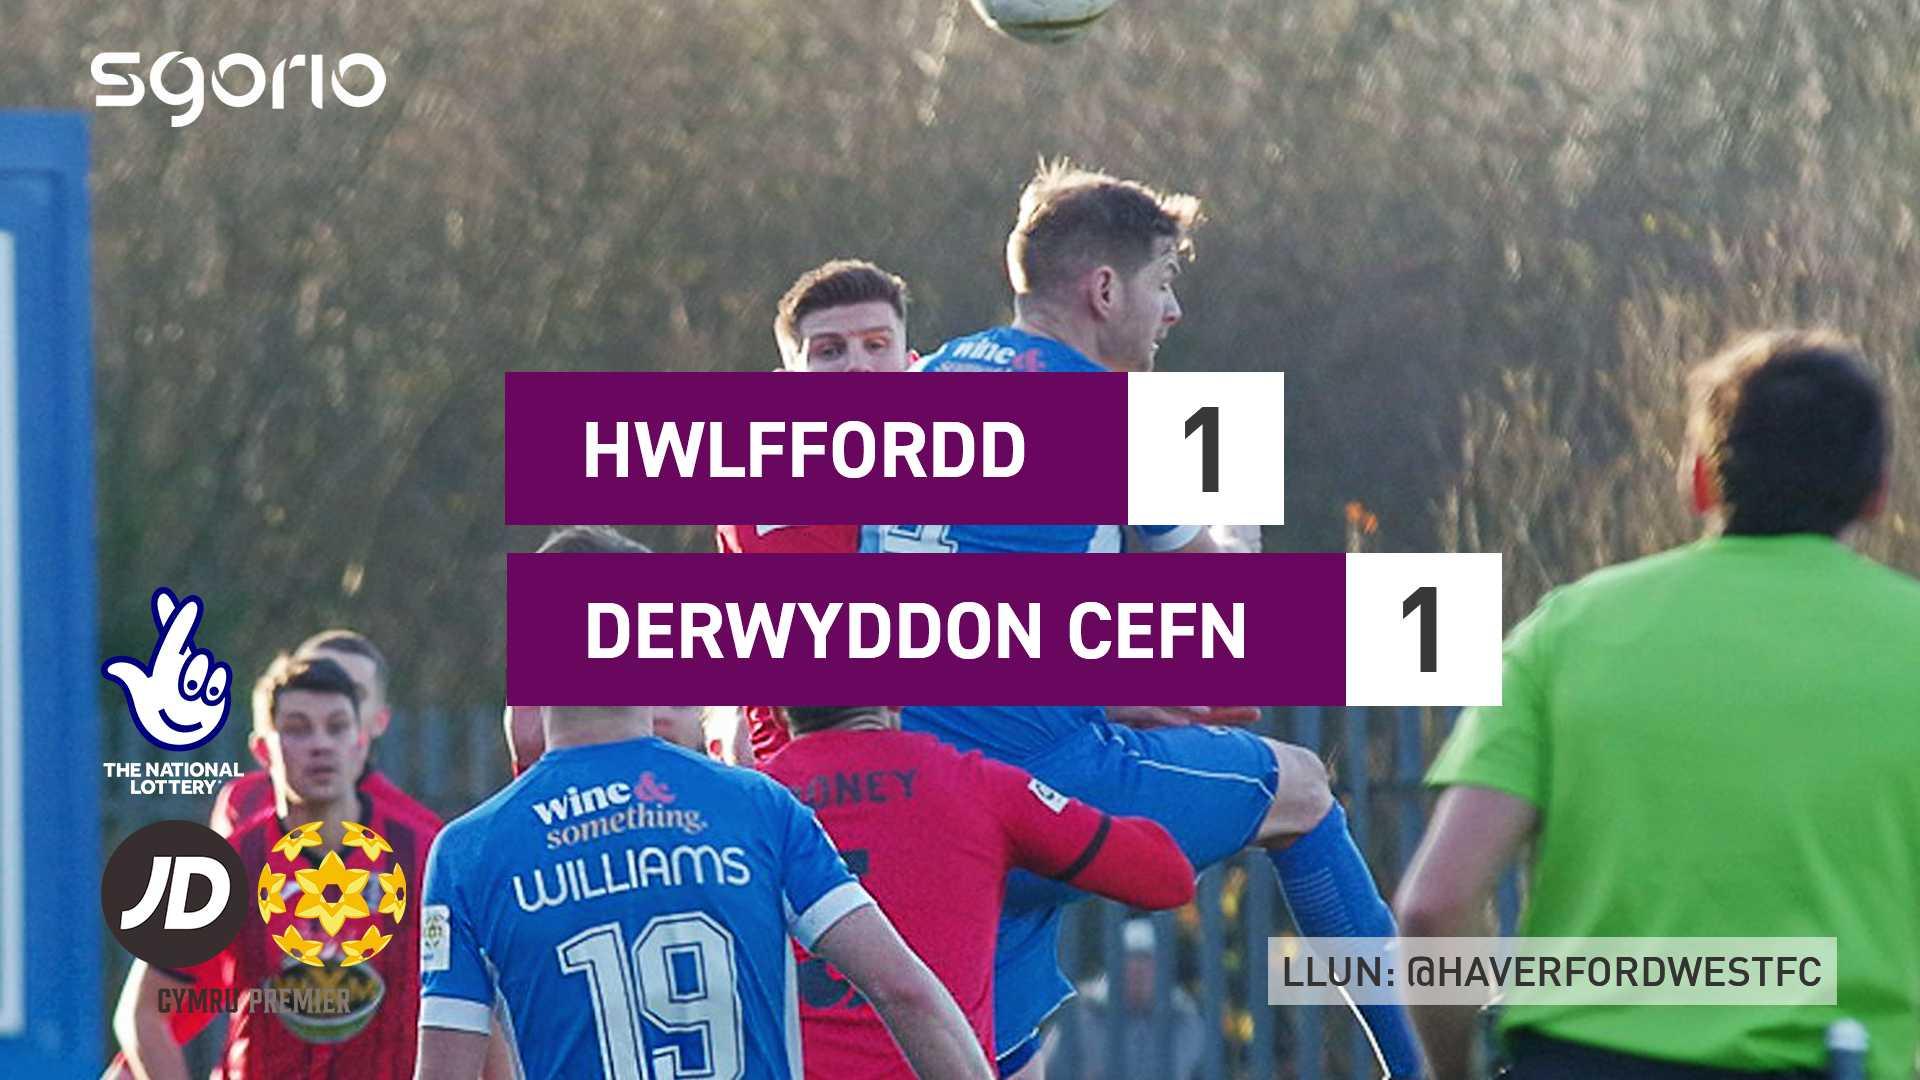 Hwlffordd 1-1 Derwyddon Cefn